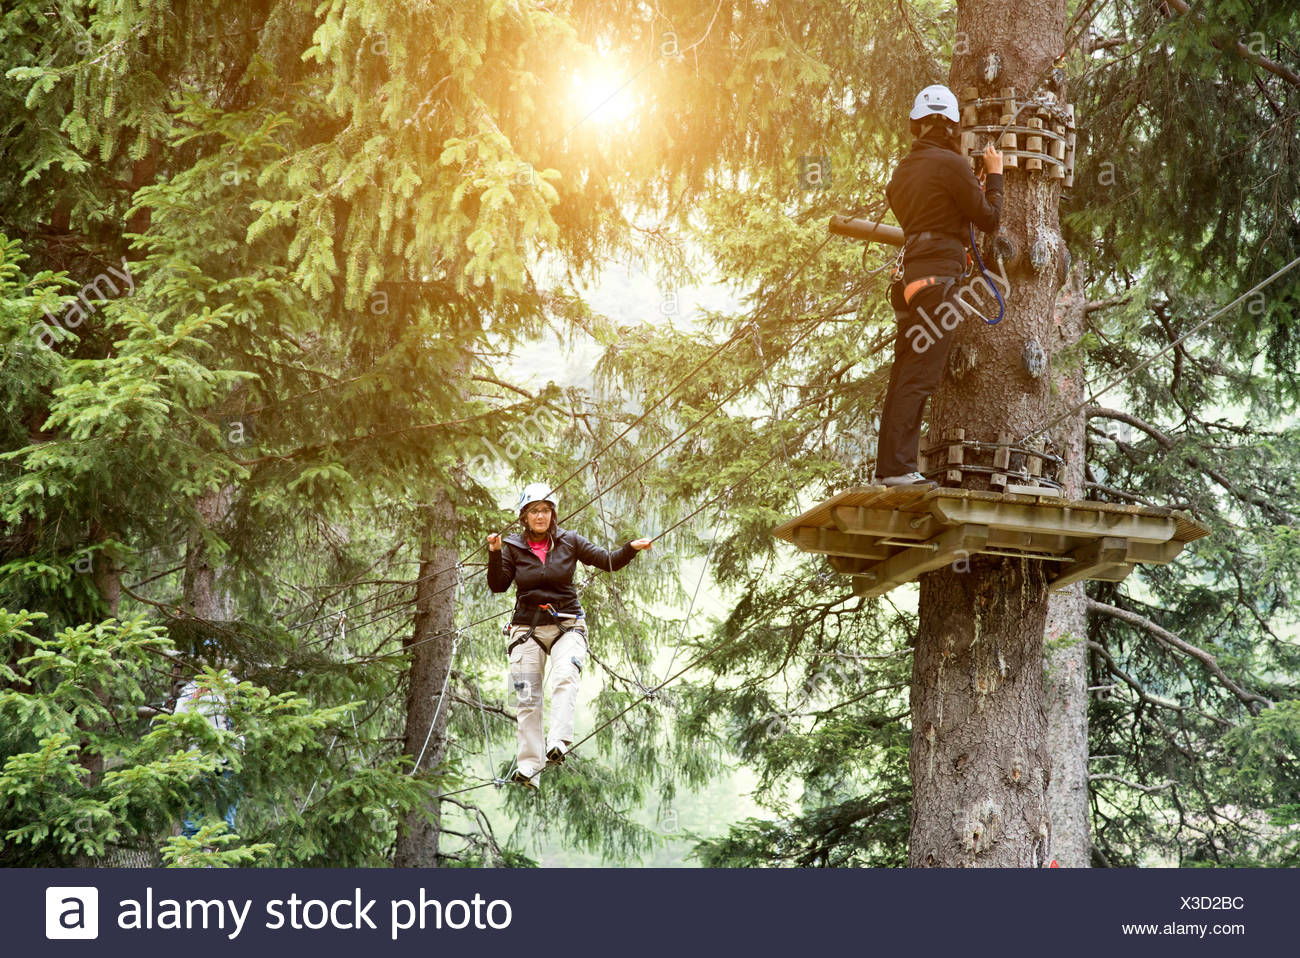 Les amis en haut à l'aide de forêts encordé Photo Stock